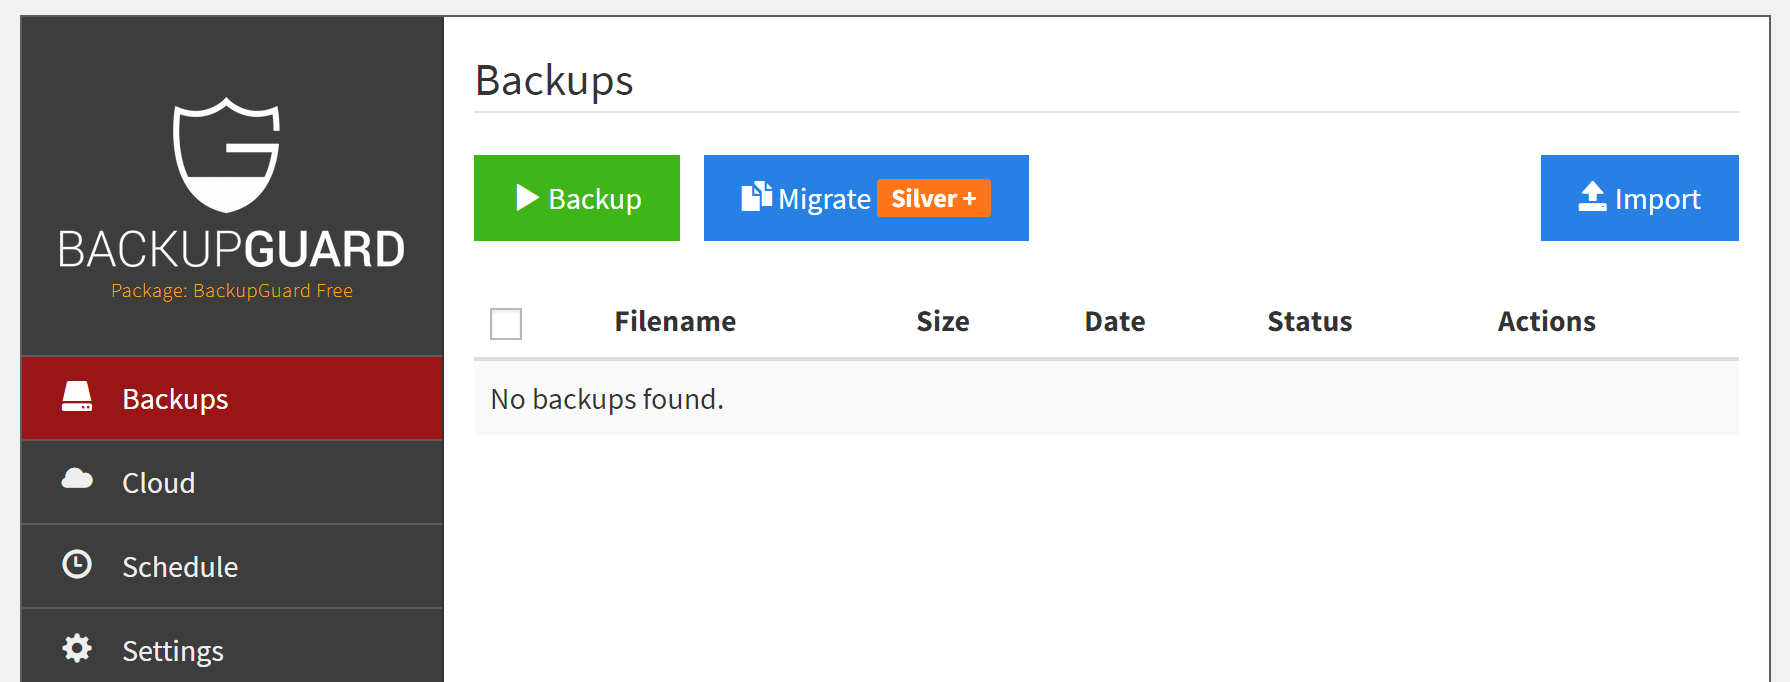 The BackupGuard settings screen.